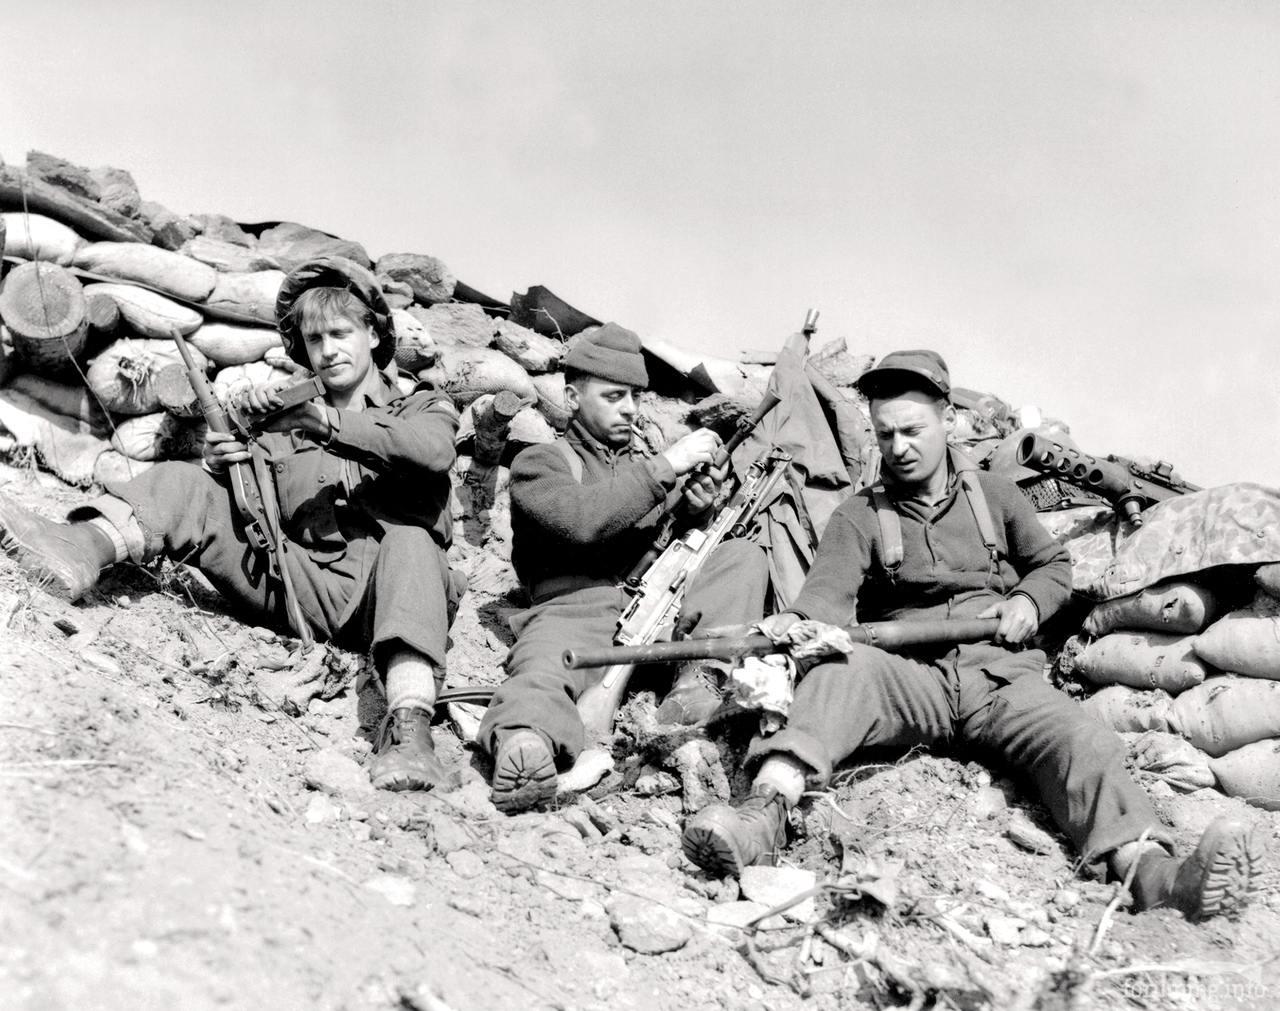 113619 - Война в Корее (25.06.1950 - 27.07.1953)